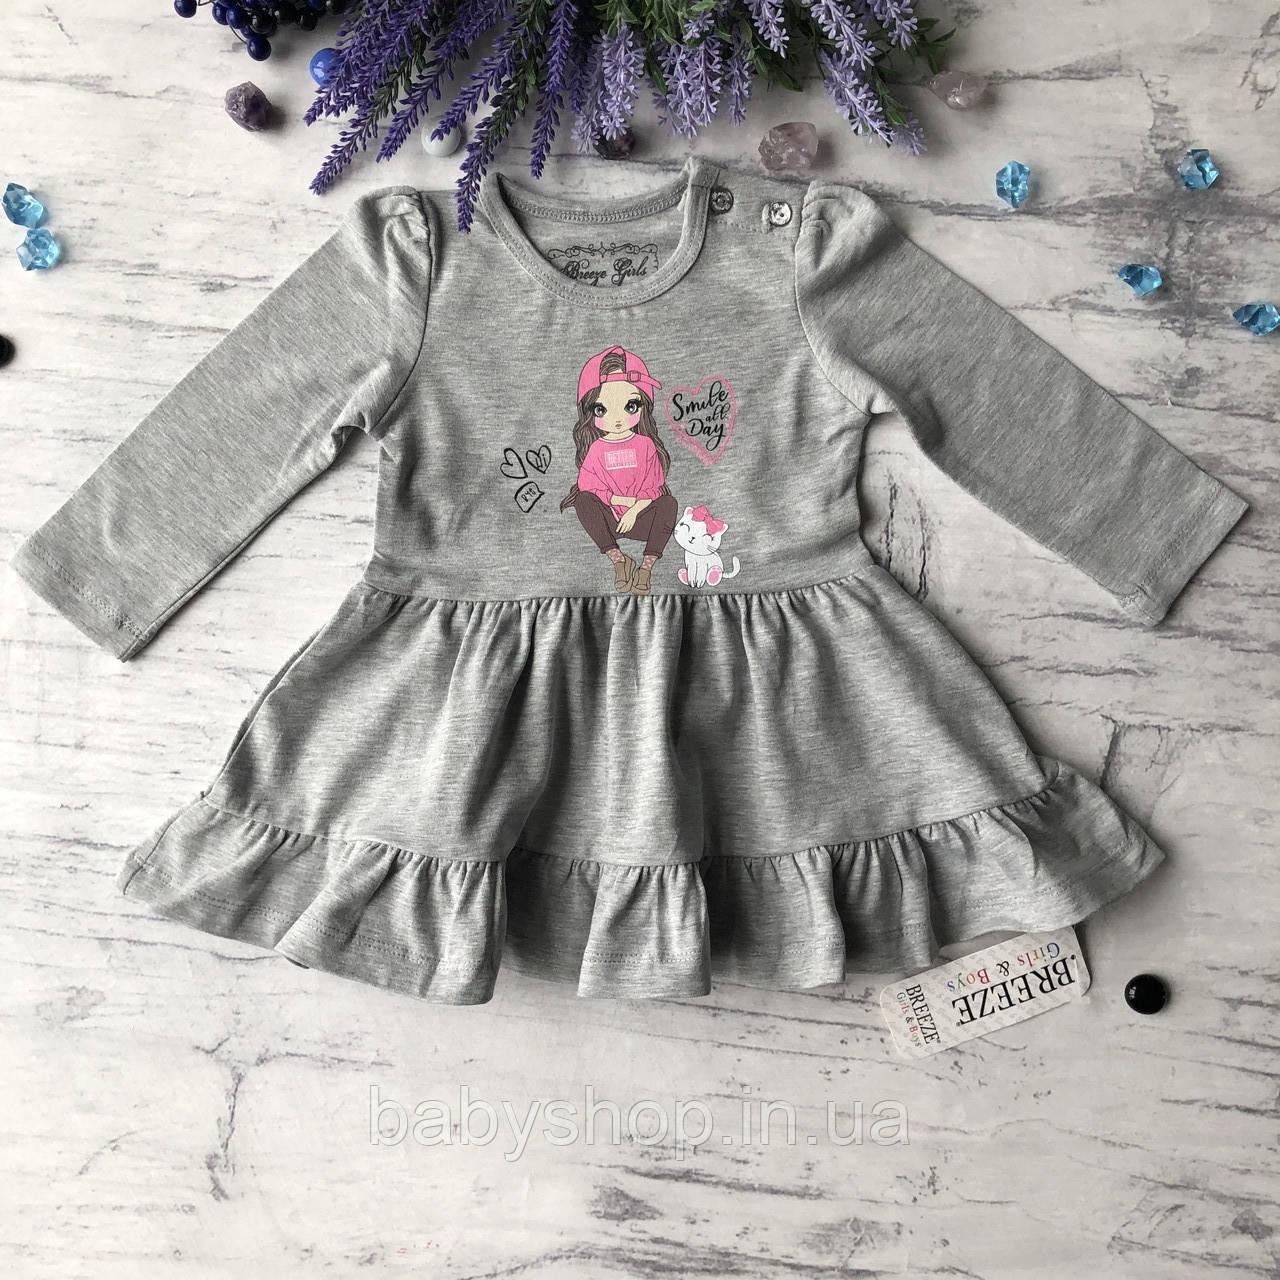 Серое платье на девочку Breeze 202. Размер   80 см, 86 см, 92 см, 98 см